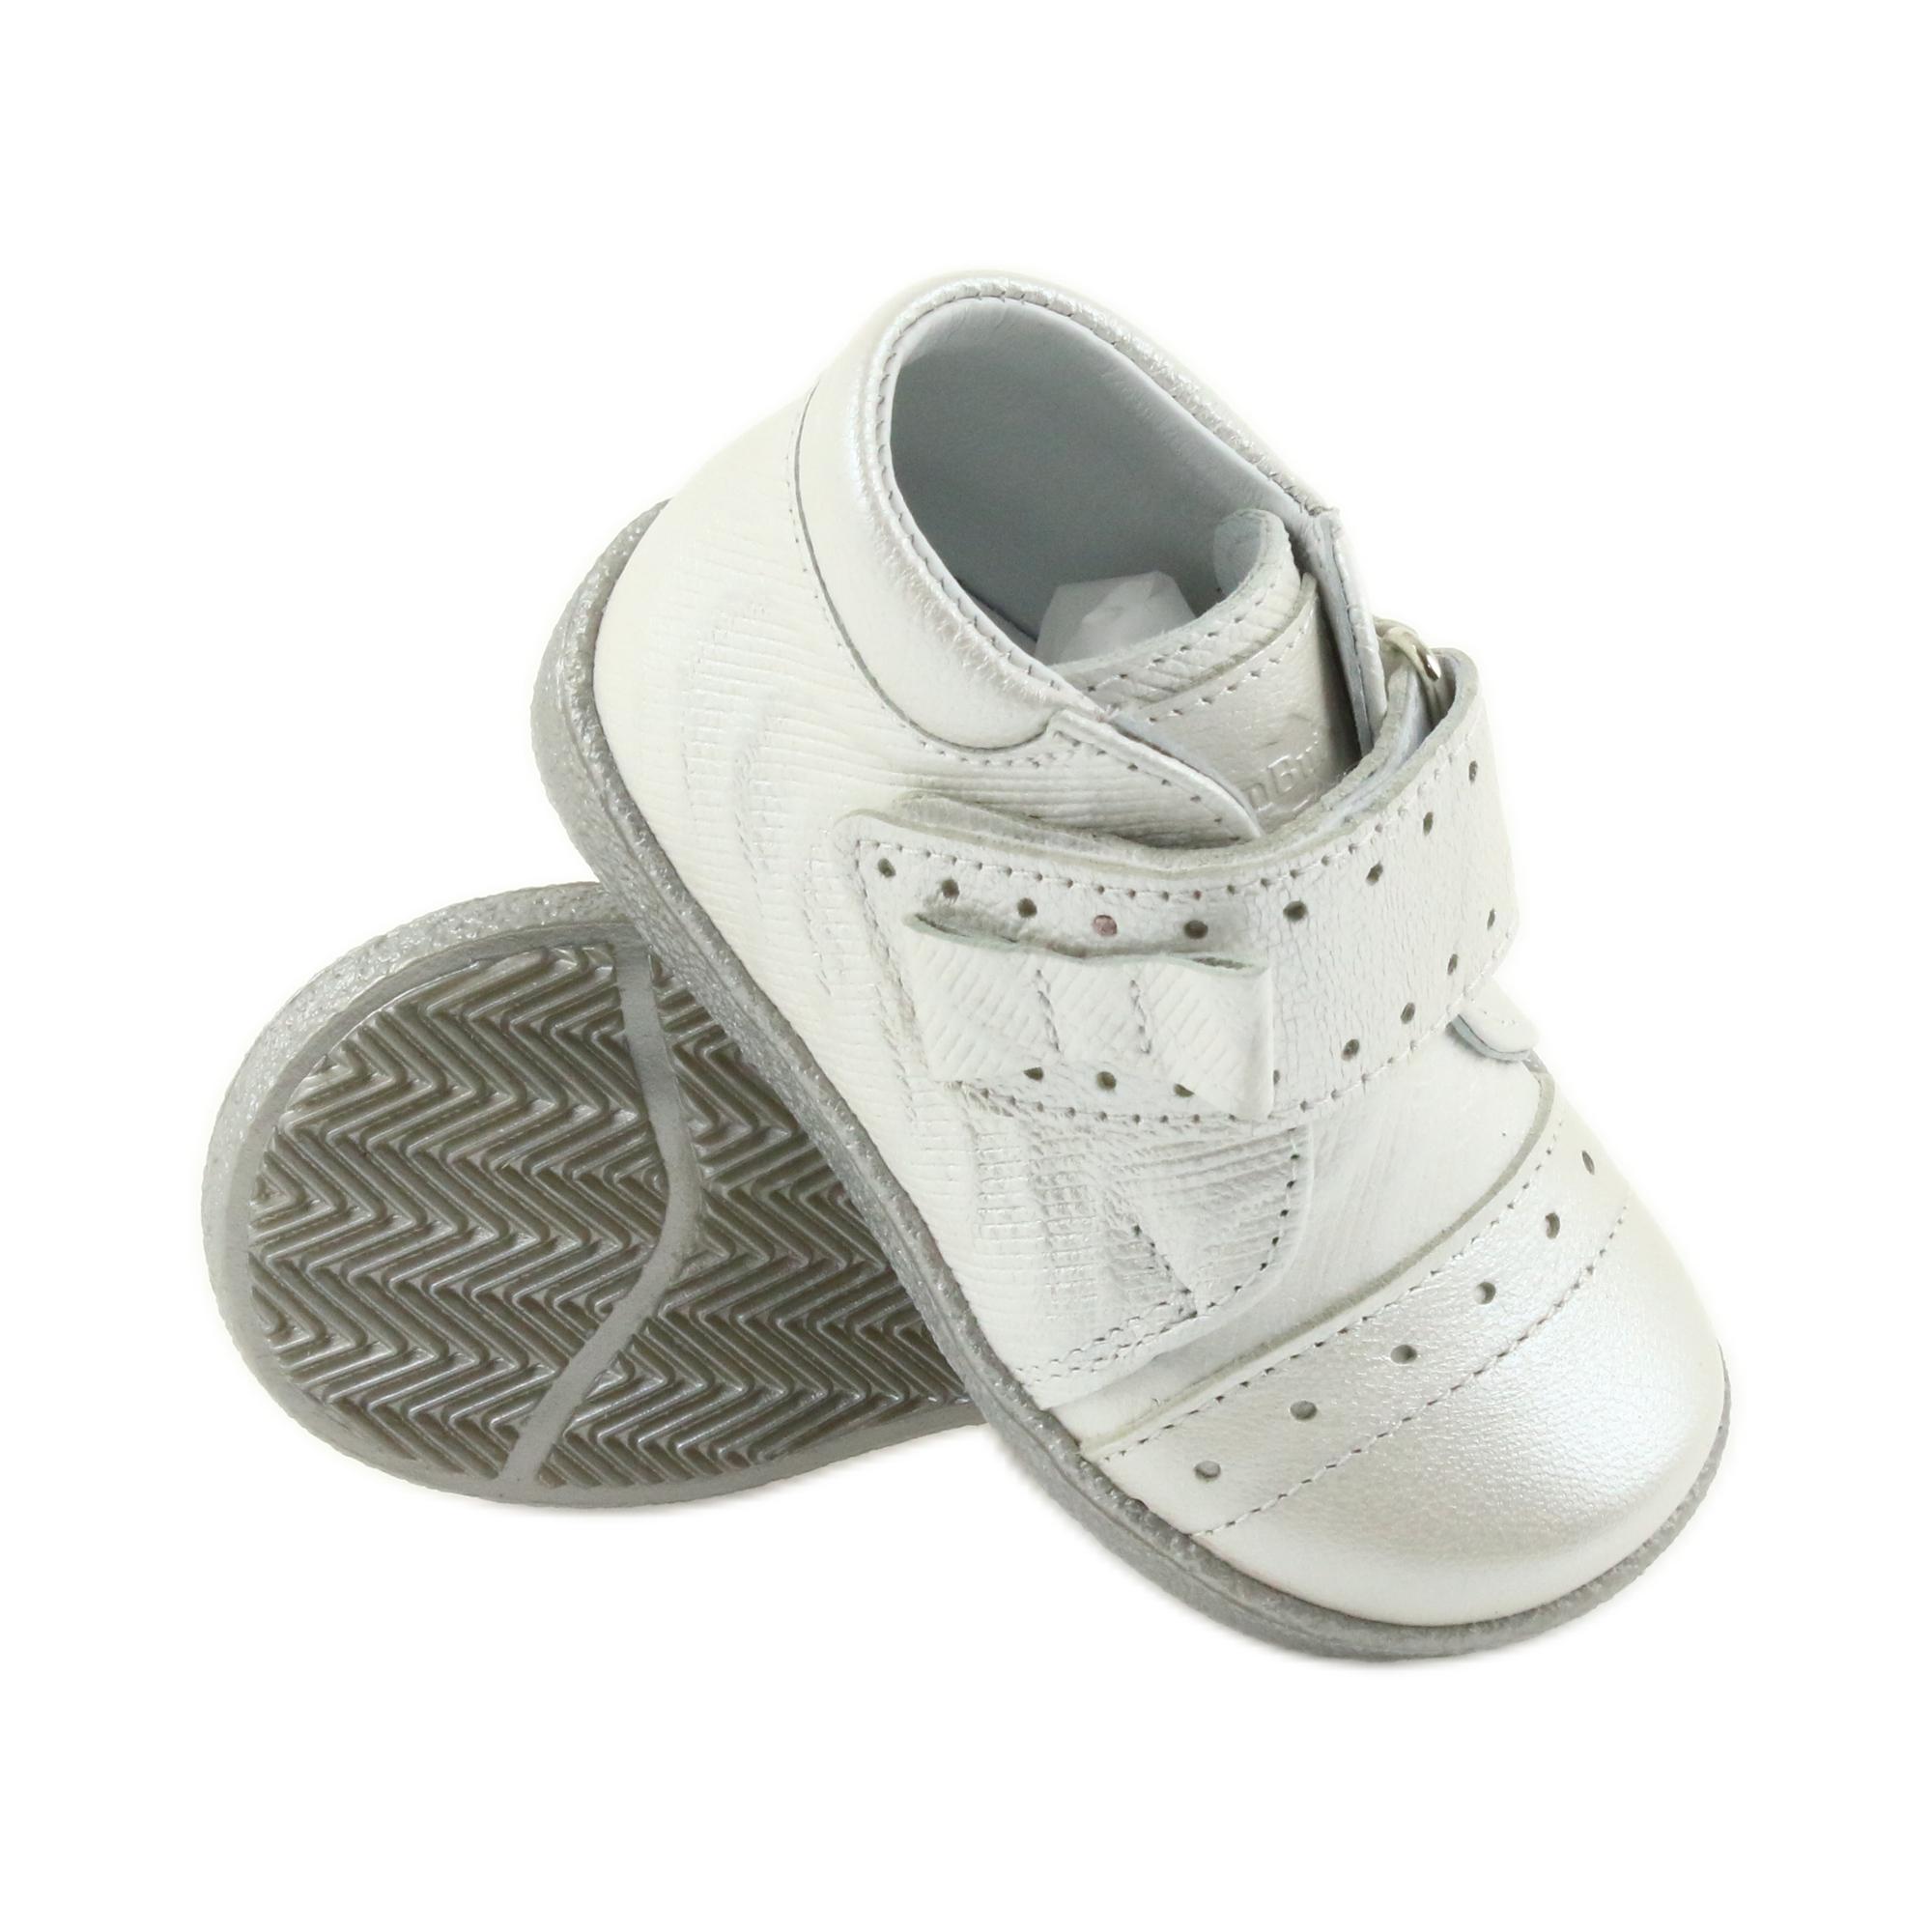 Trzewiki na rzepy buty dziecięce Ren But 1535 kokarda